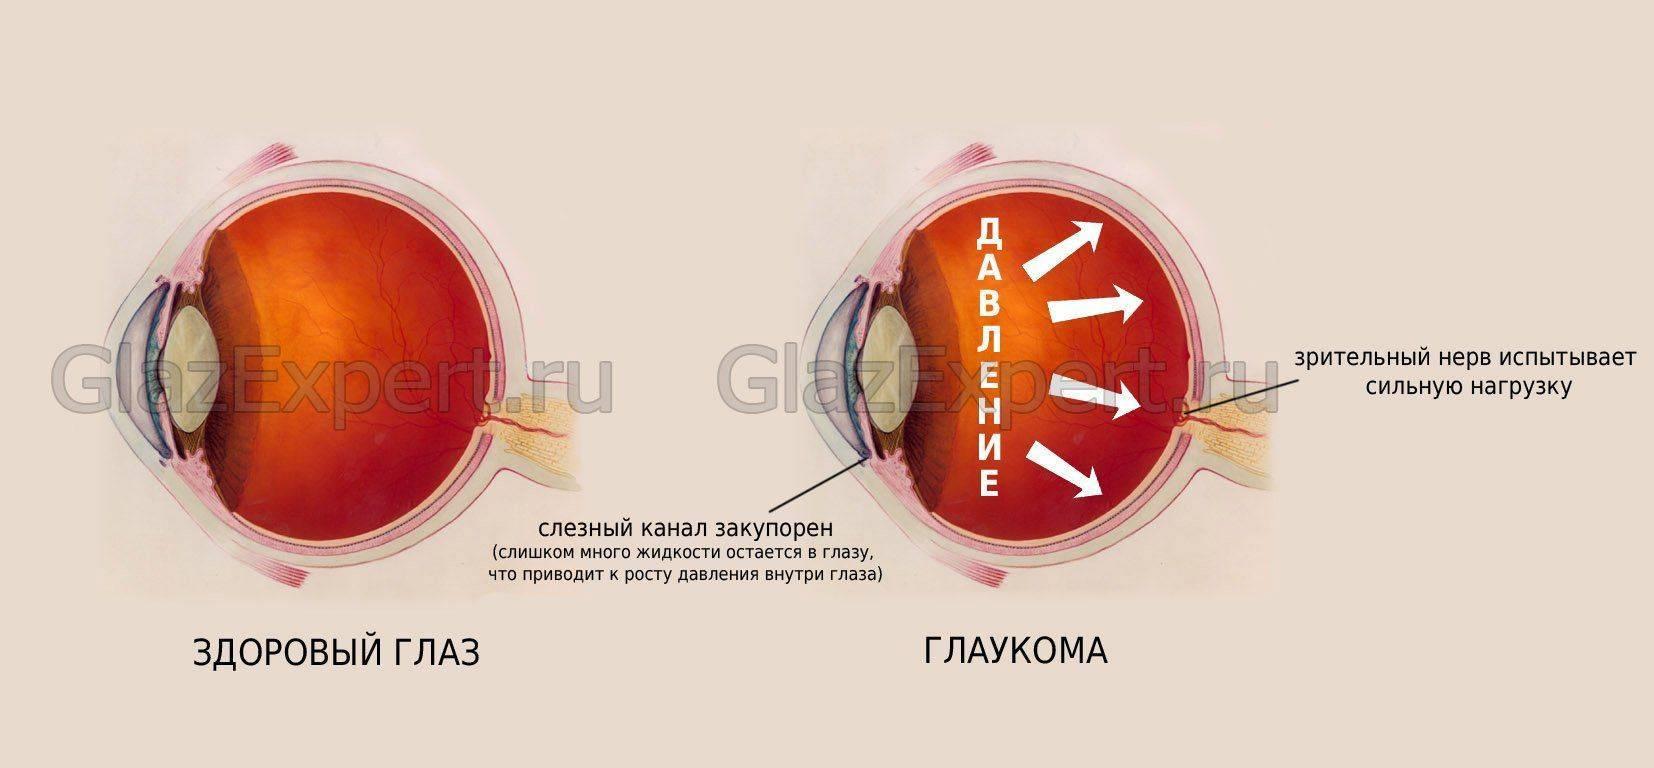 Процесс развития глаукомы